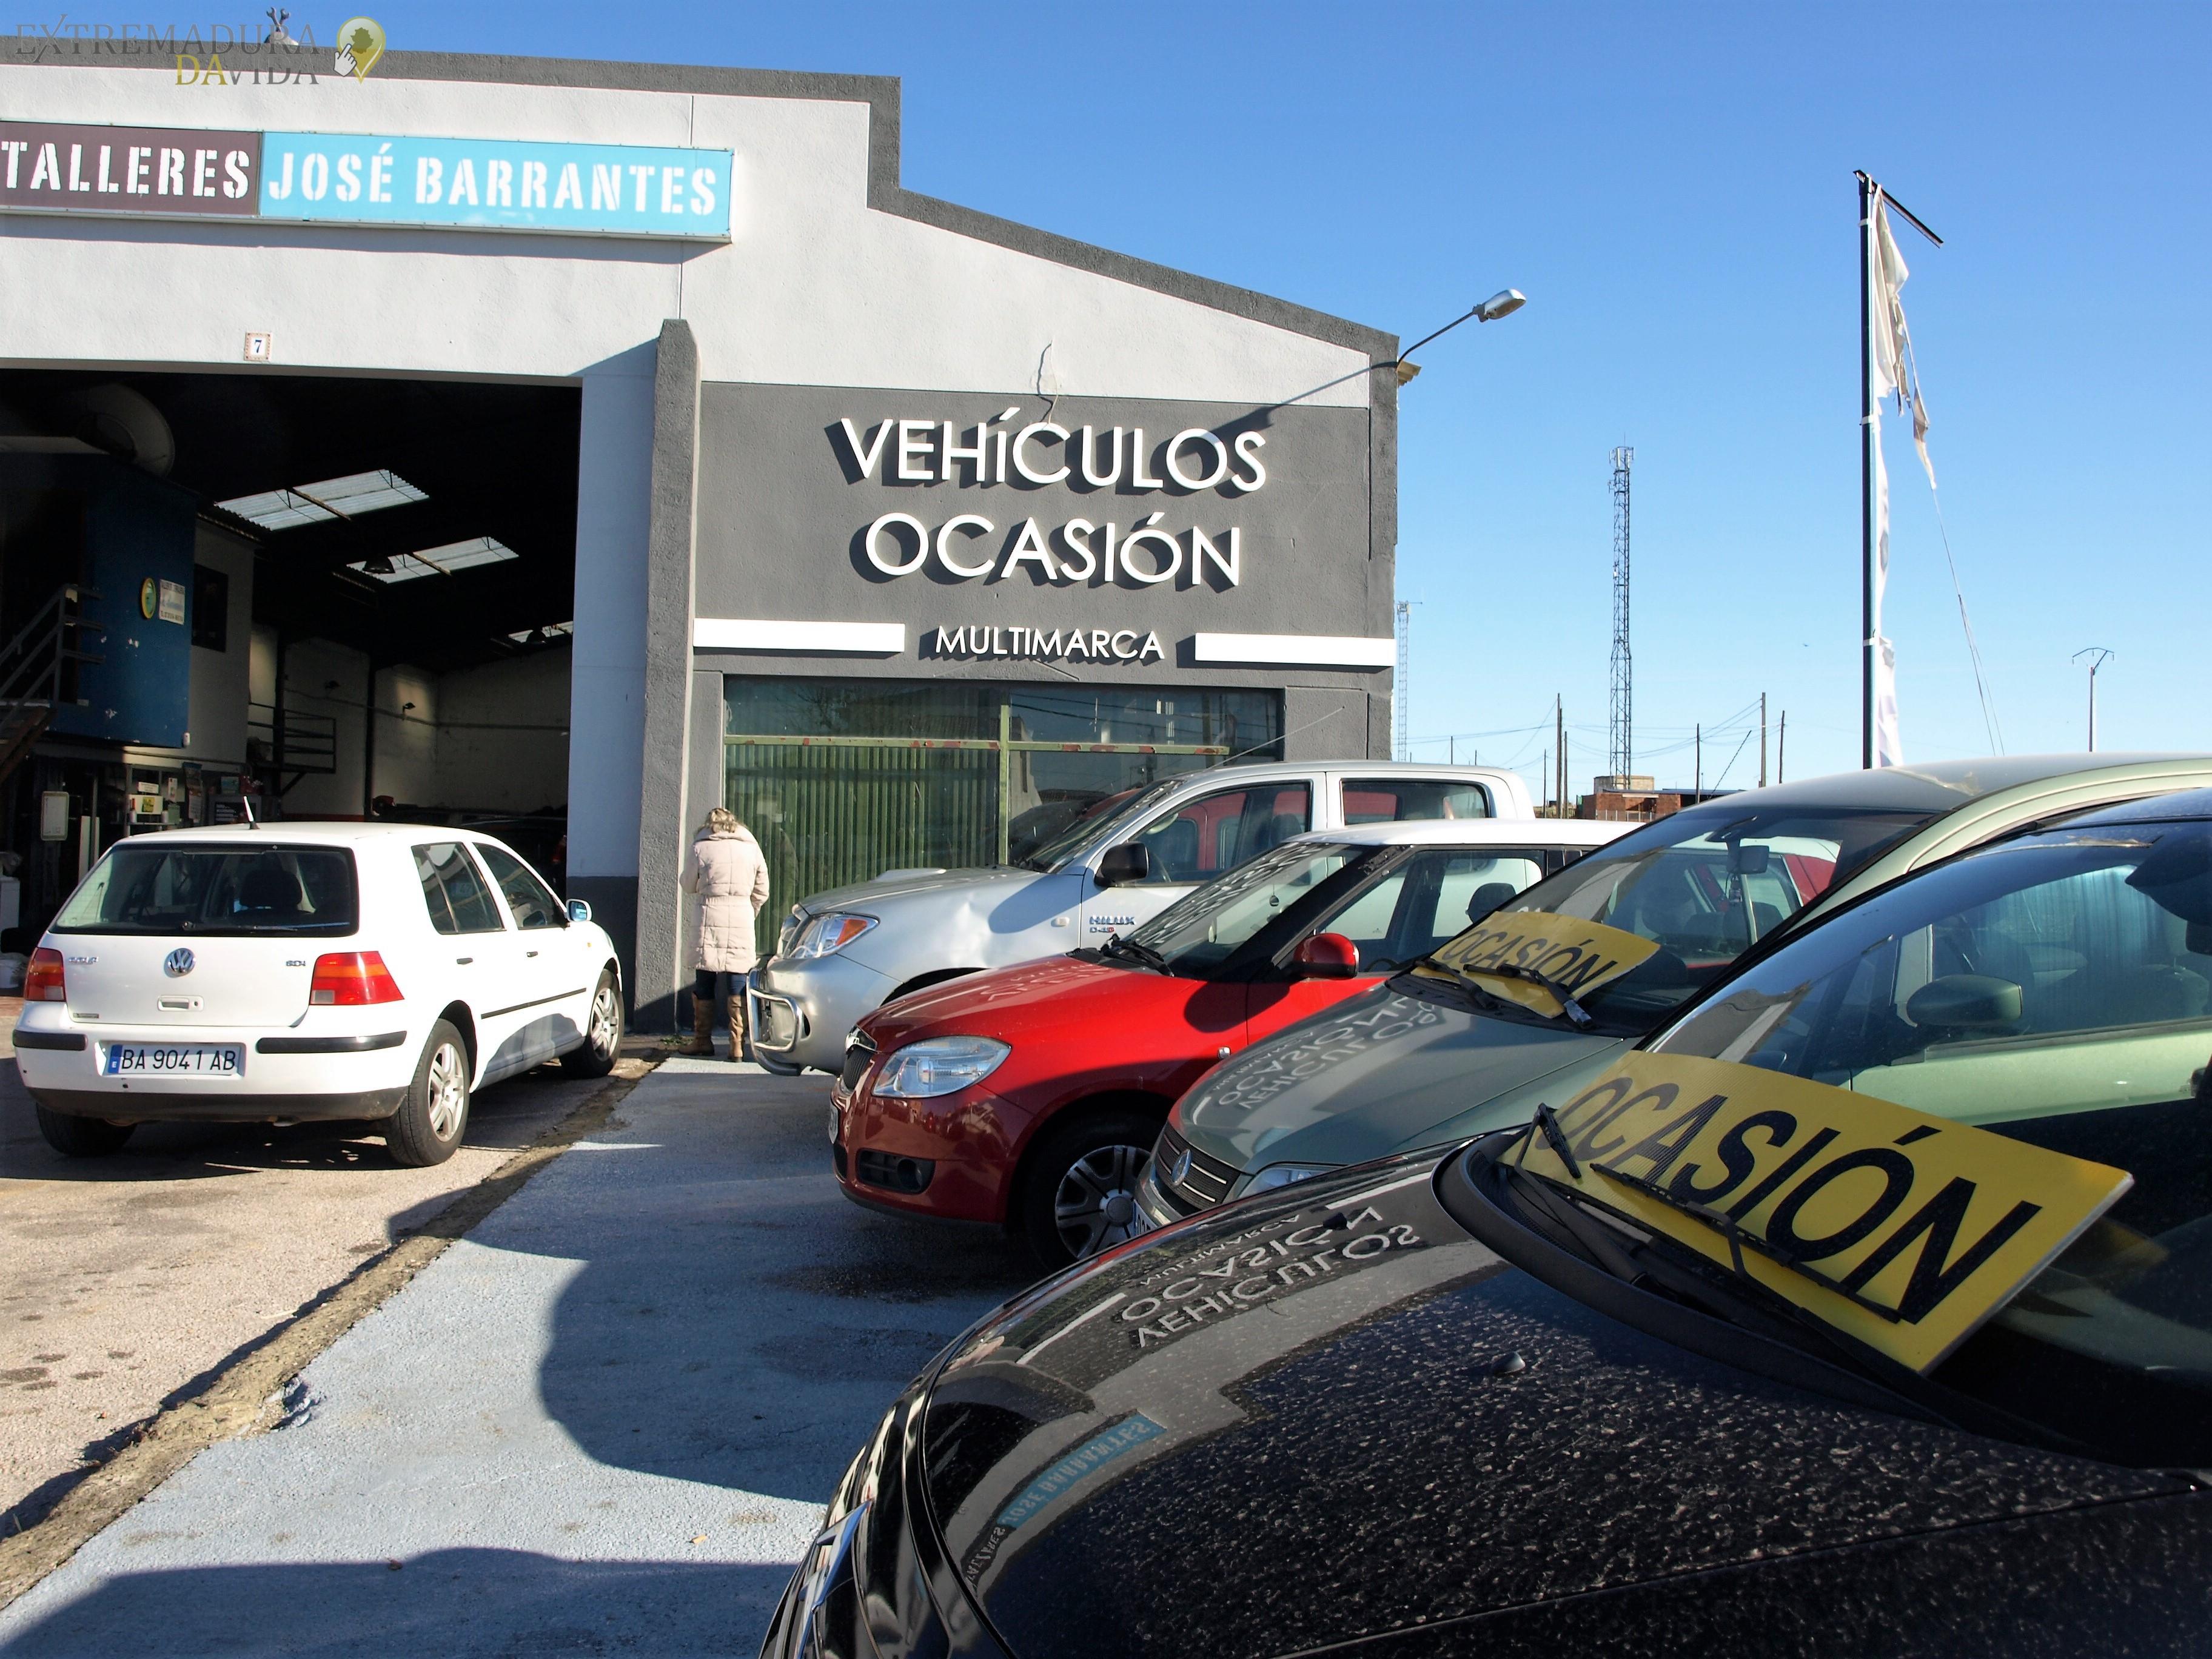 Vehículos Ocasión Caceres Jose Barrantes Torreorgaz